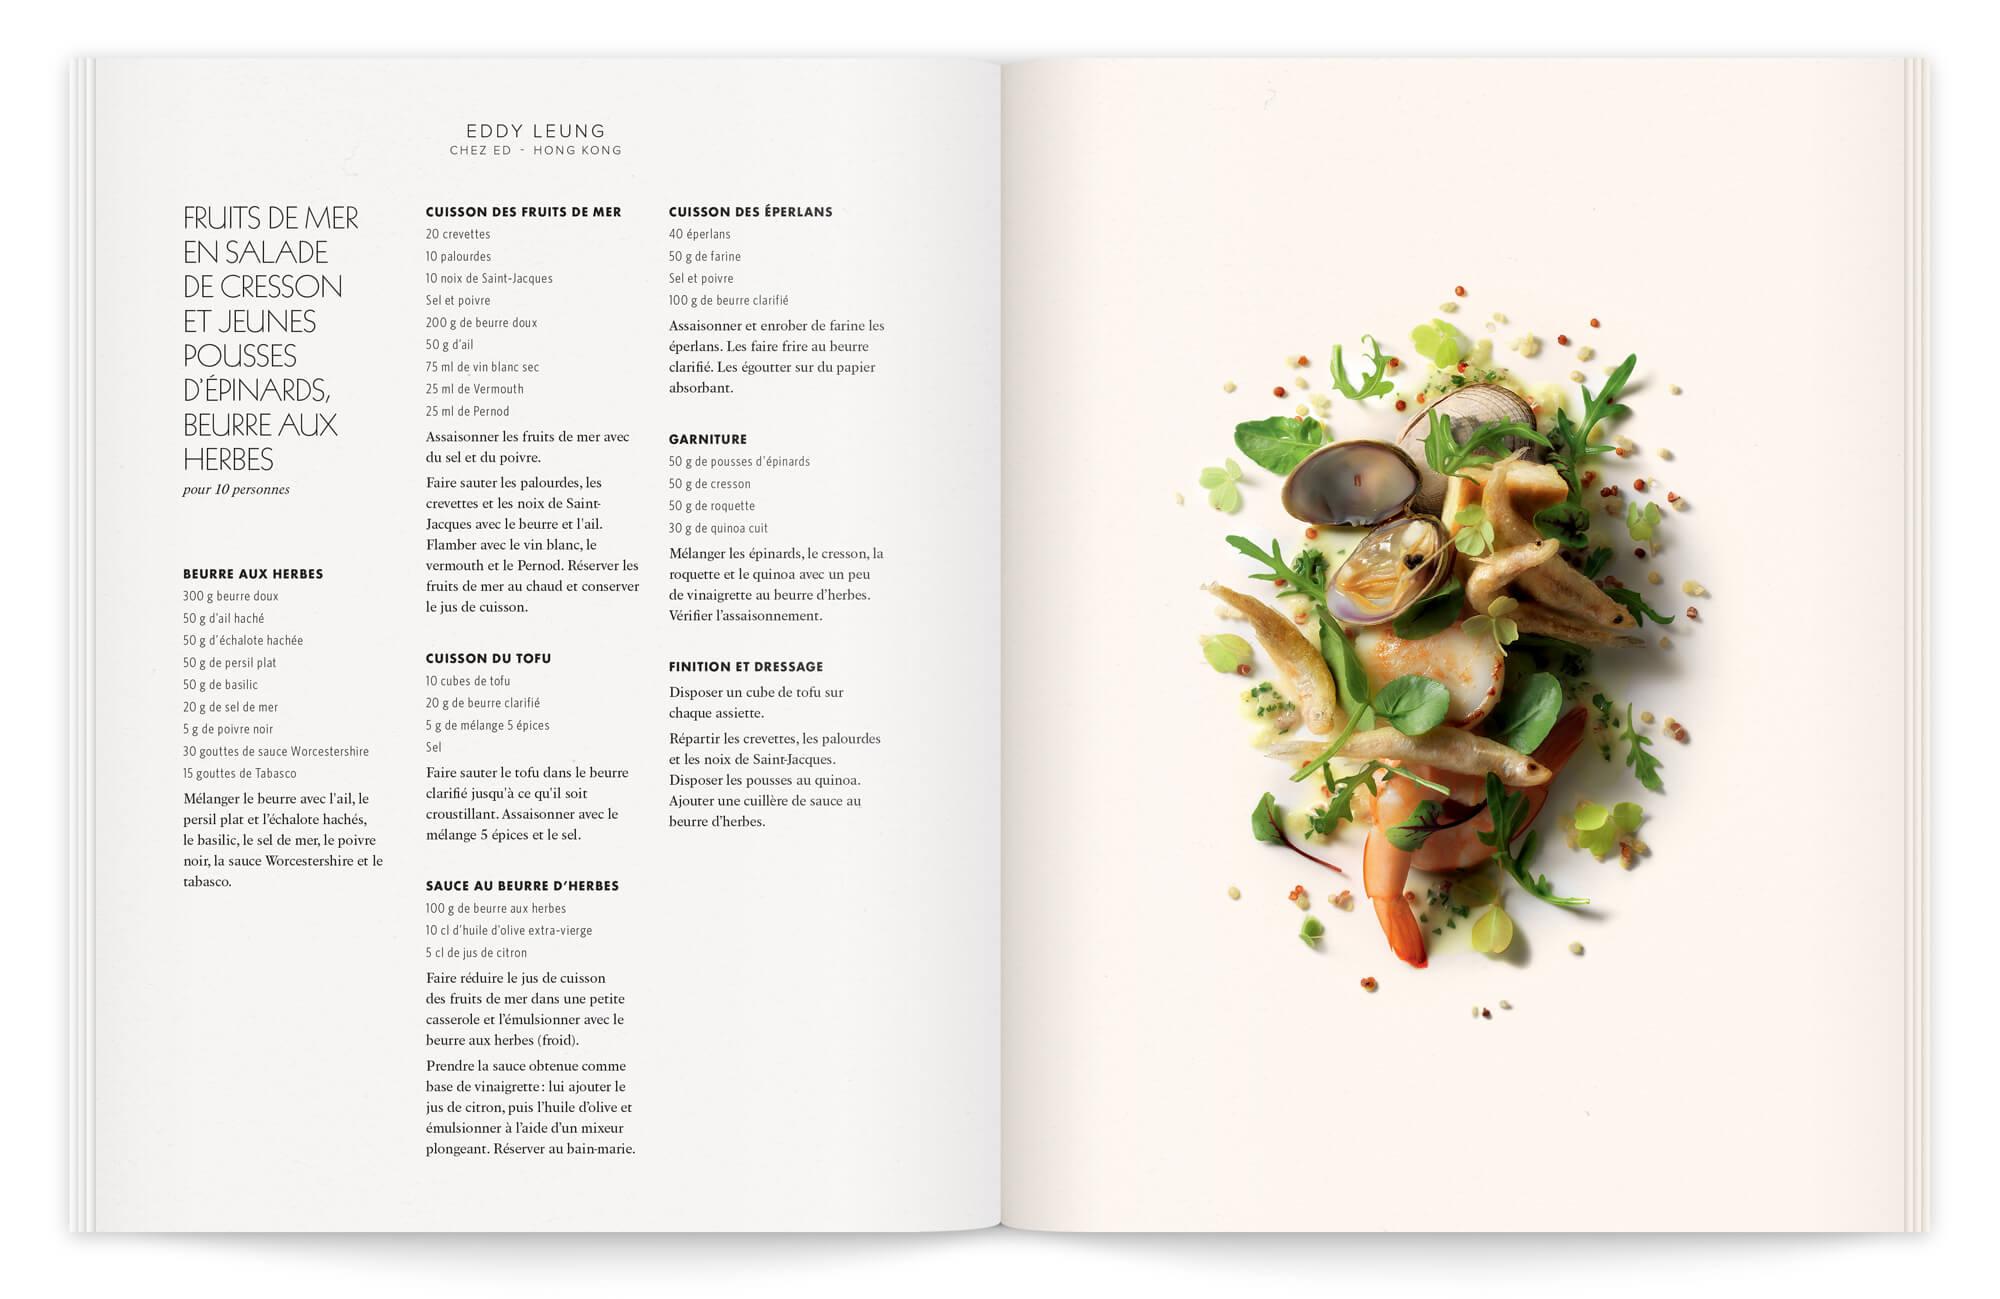 mise en page soignée et photographie culinaire contemporaine par peter lippmann. une composition sans assiette, comme un paysage d'une recette d'eddy leung